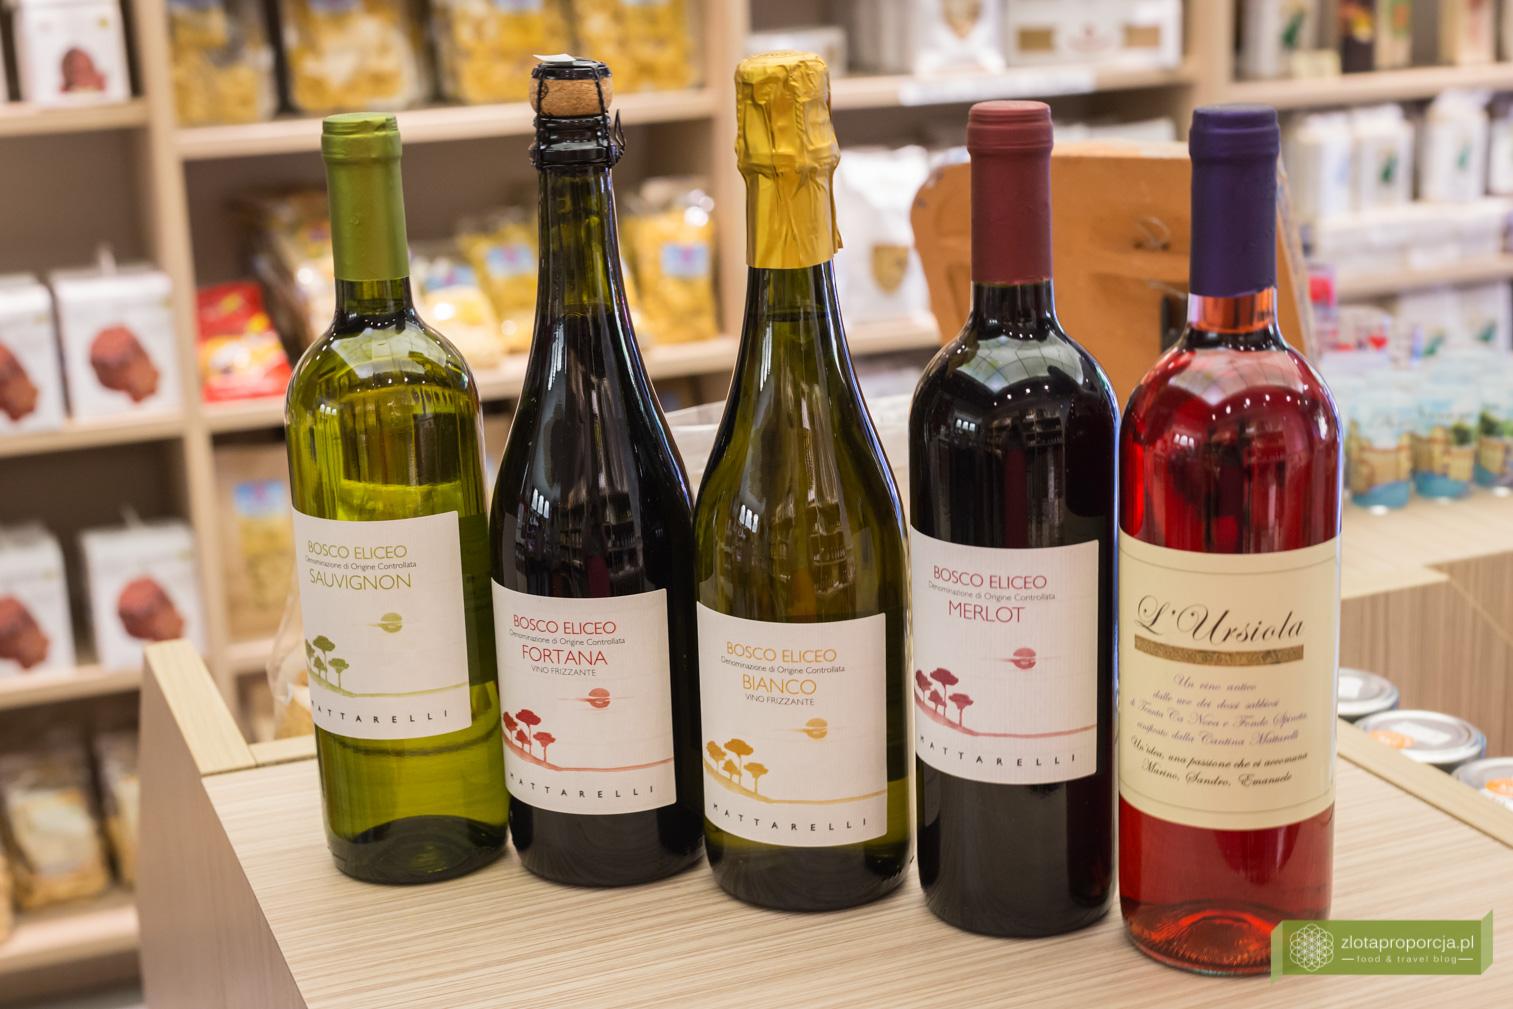 Vino del bosco eliceo, Ferrara, Emilia Romania, kuchnia Ferrary, co zjeść w Ferrarze, co zjeść w Emilii Romanii